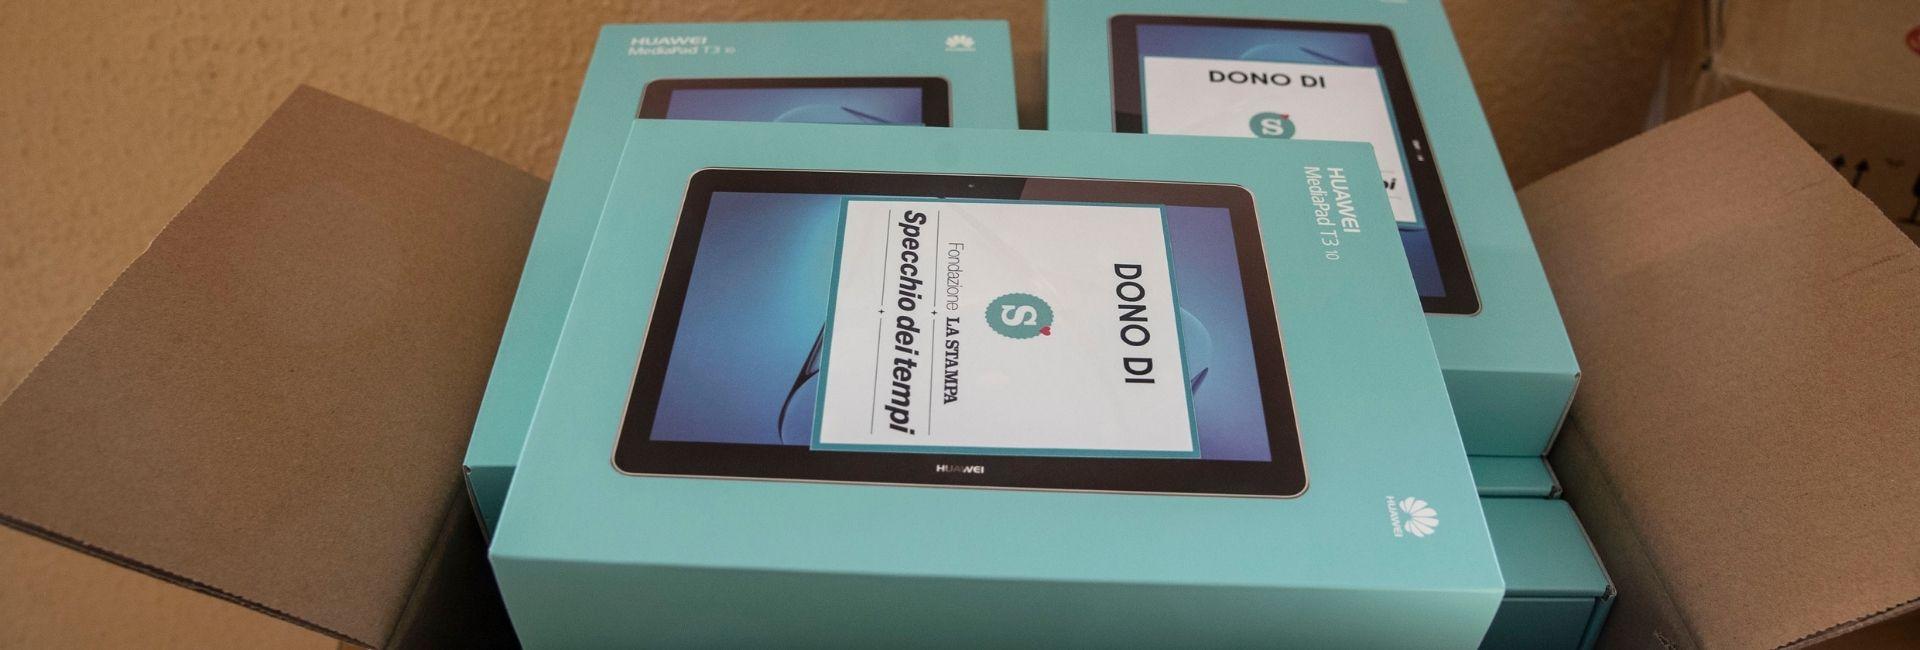 Donati 20 tablet alle scuole